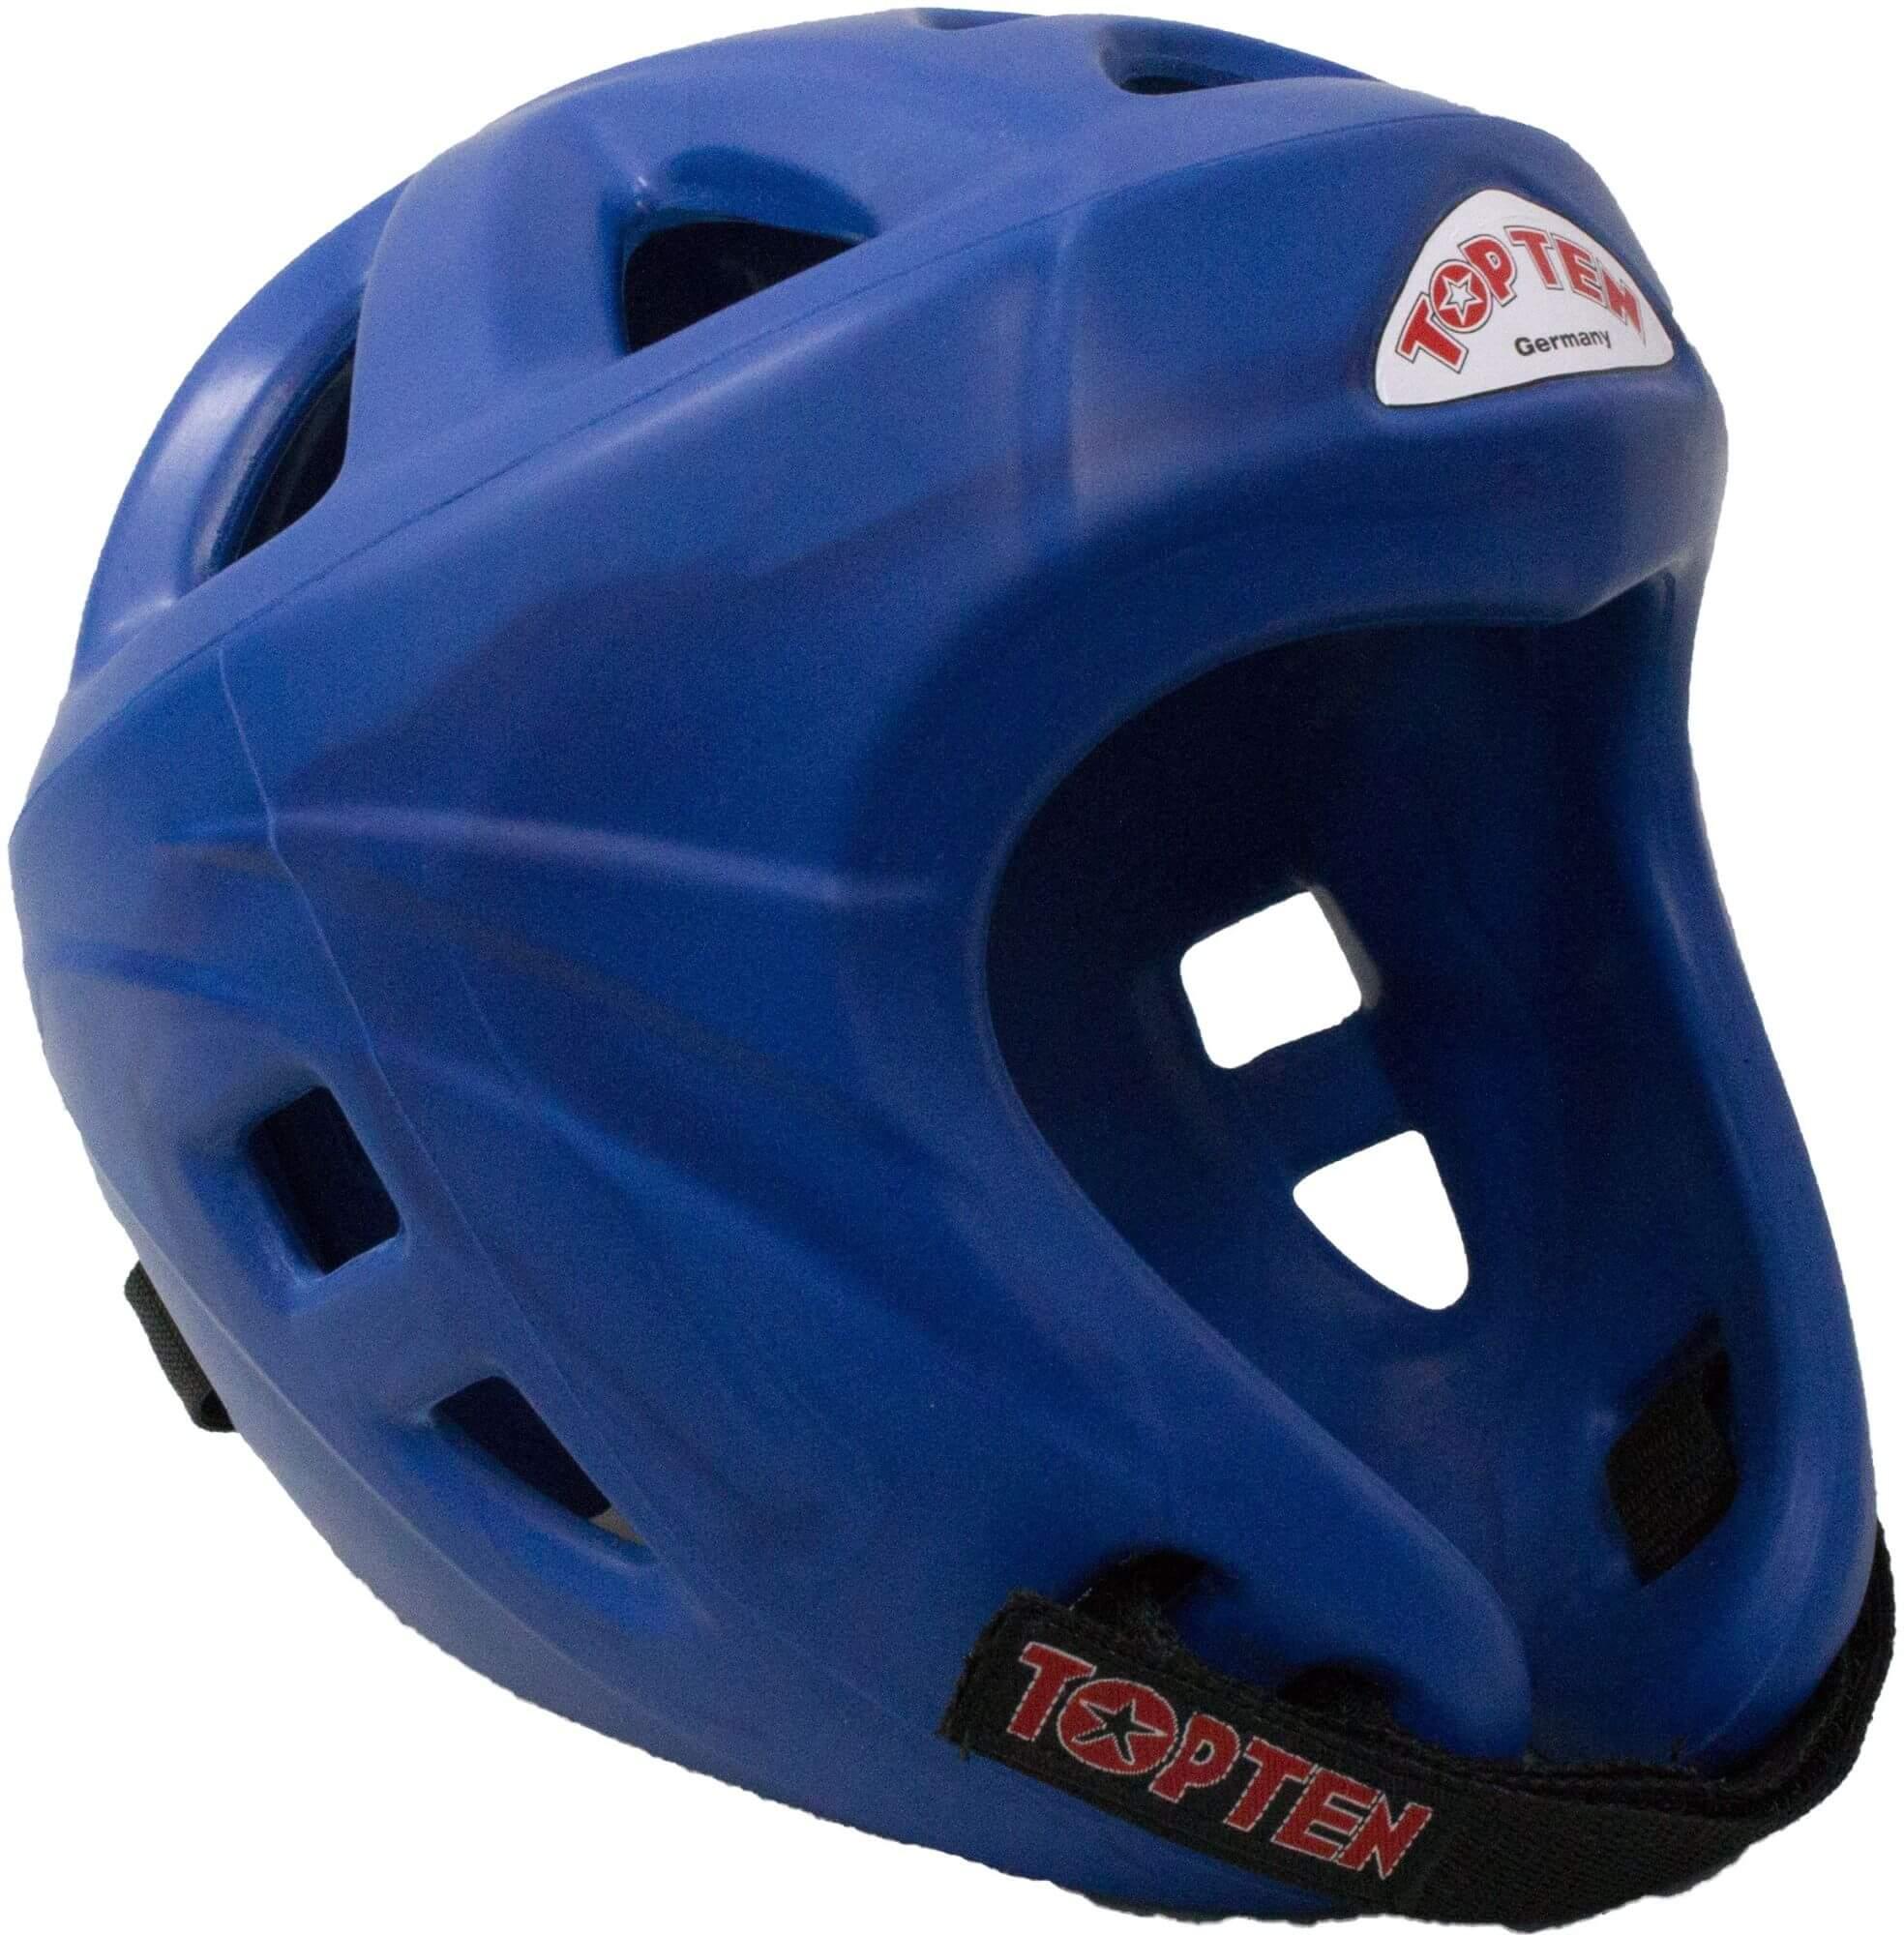 Kopfschutz Avantgarde Blau